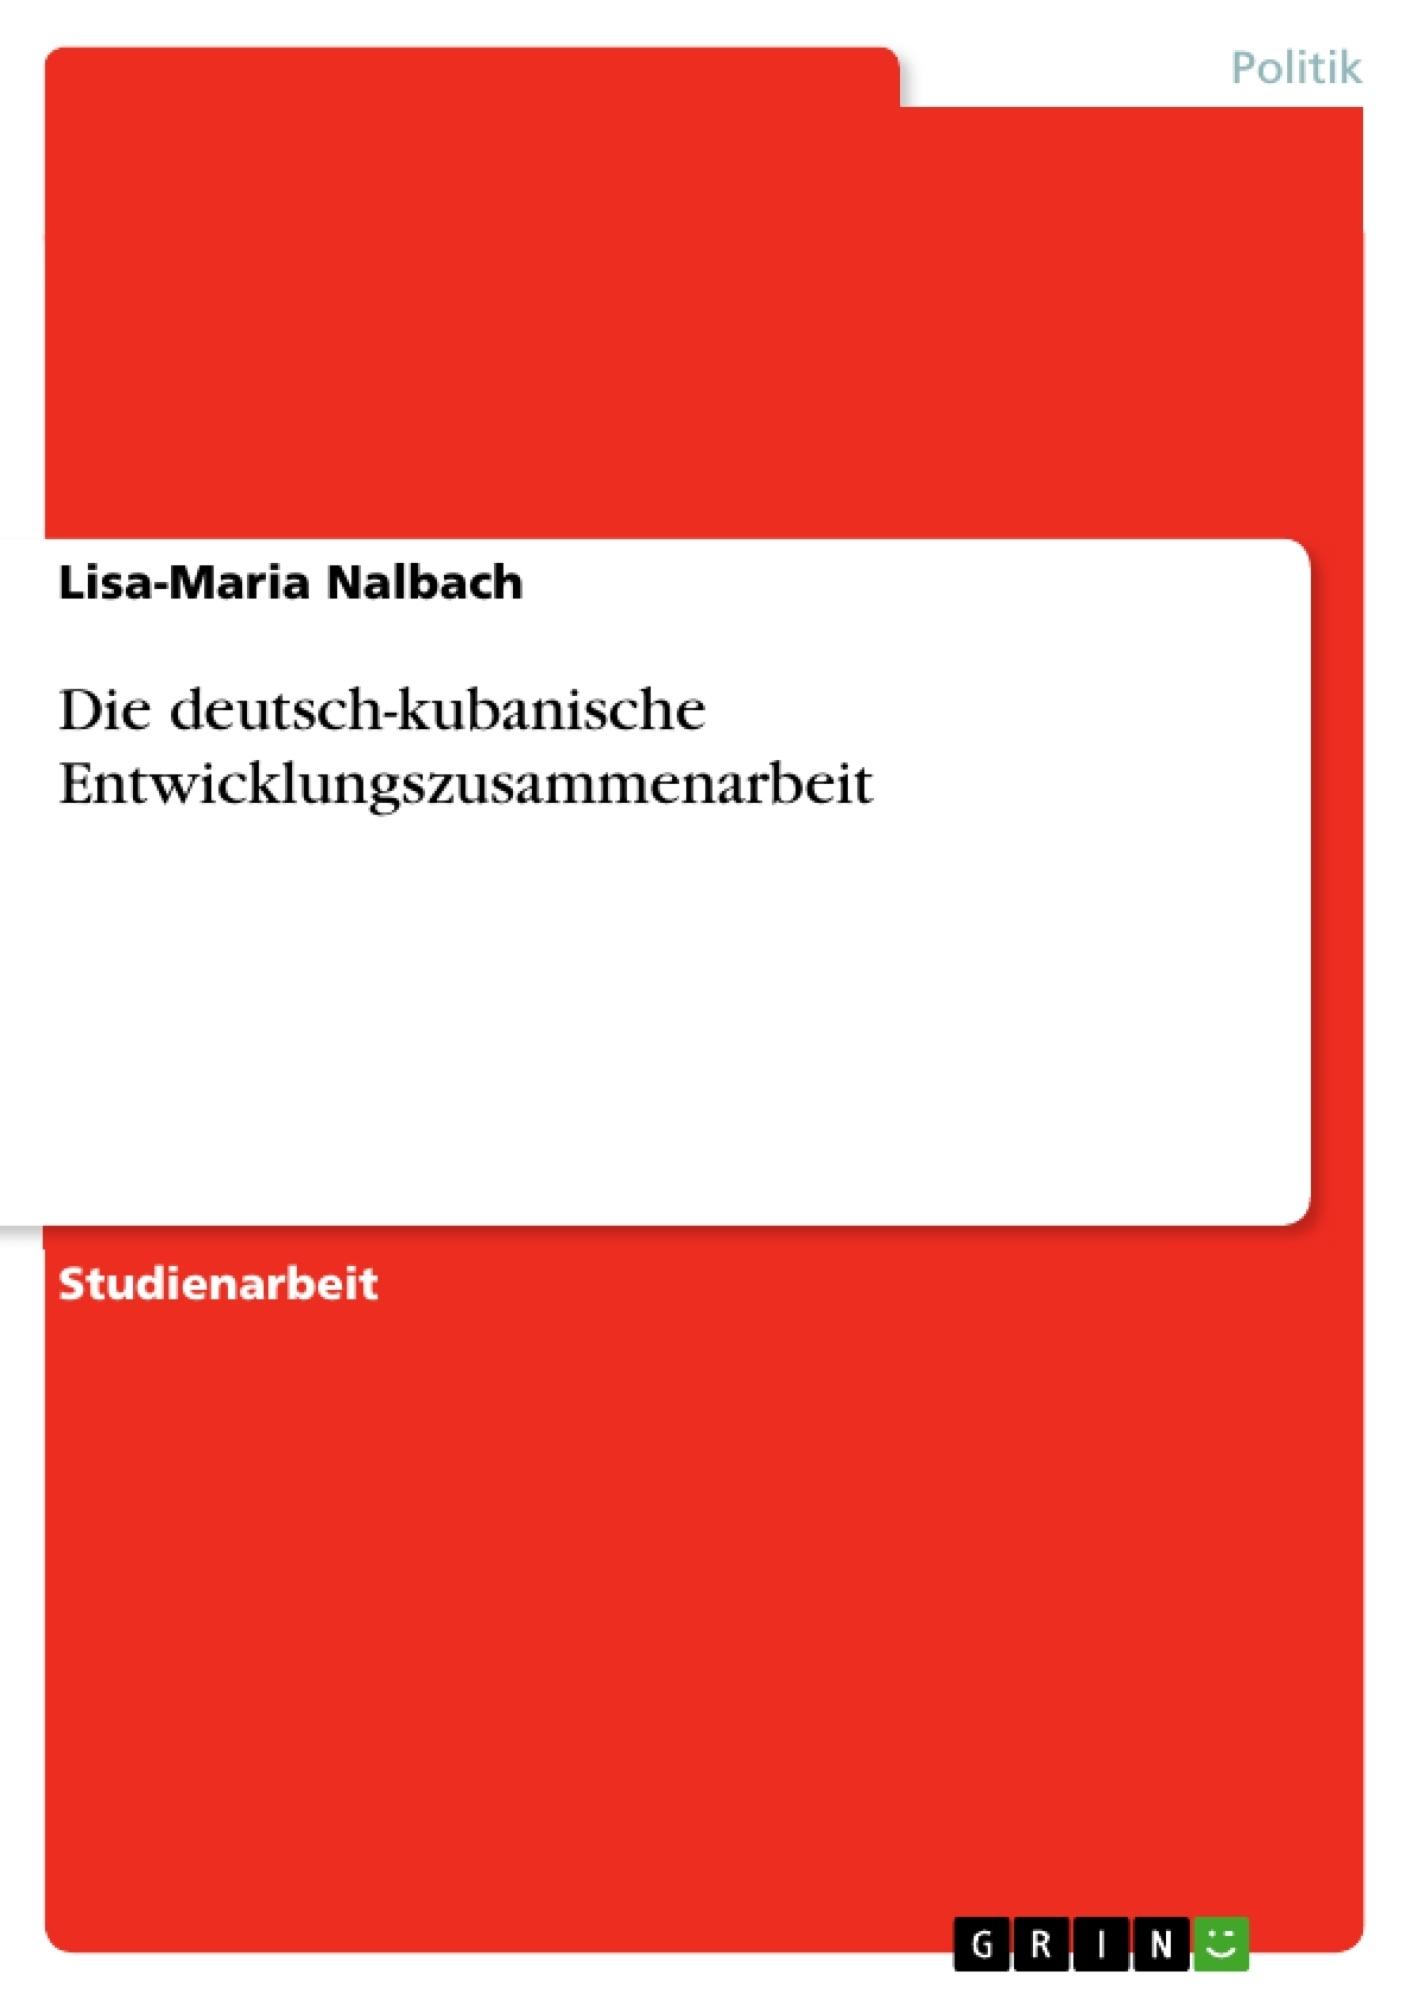 Titel: Die deutsch-kubanische Entwicklungszusammenarbeit